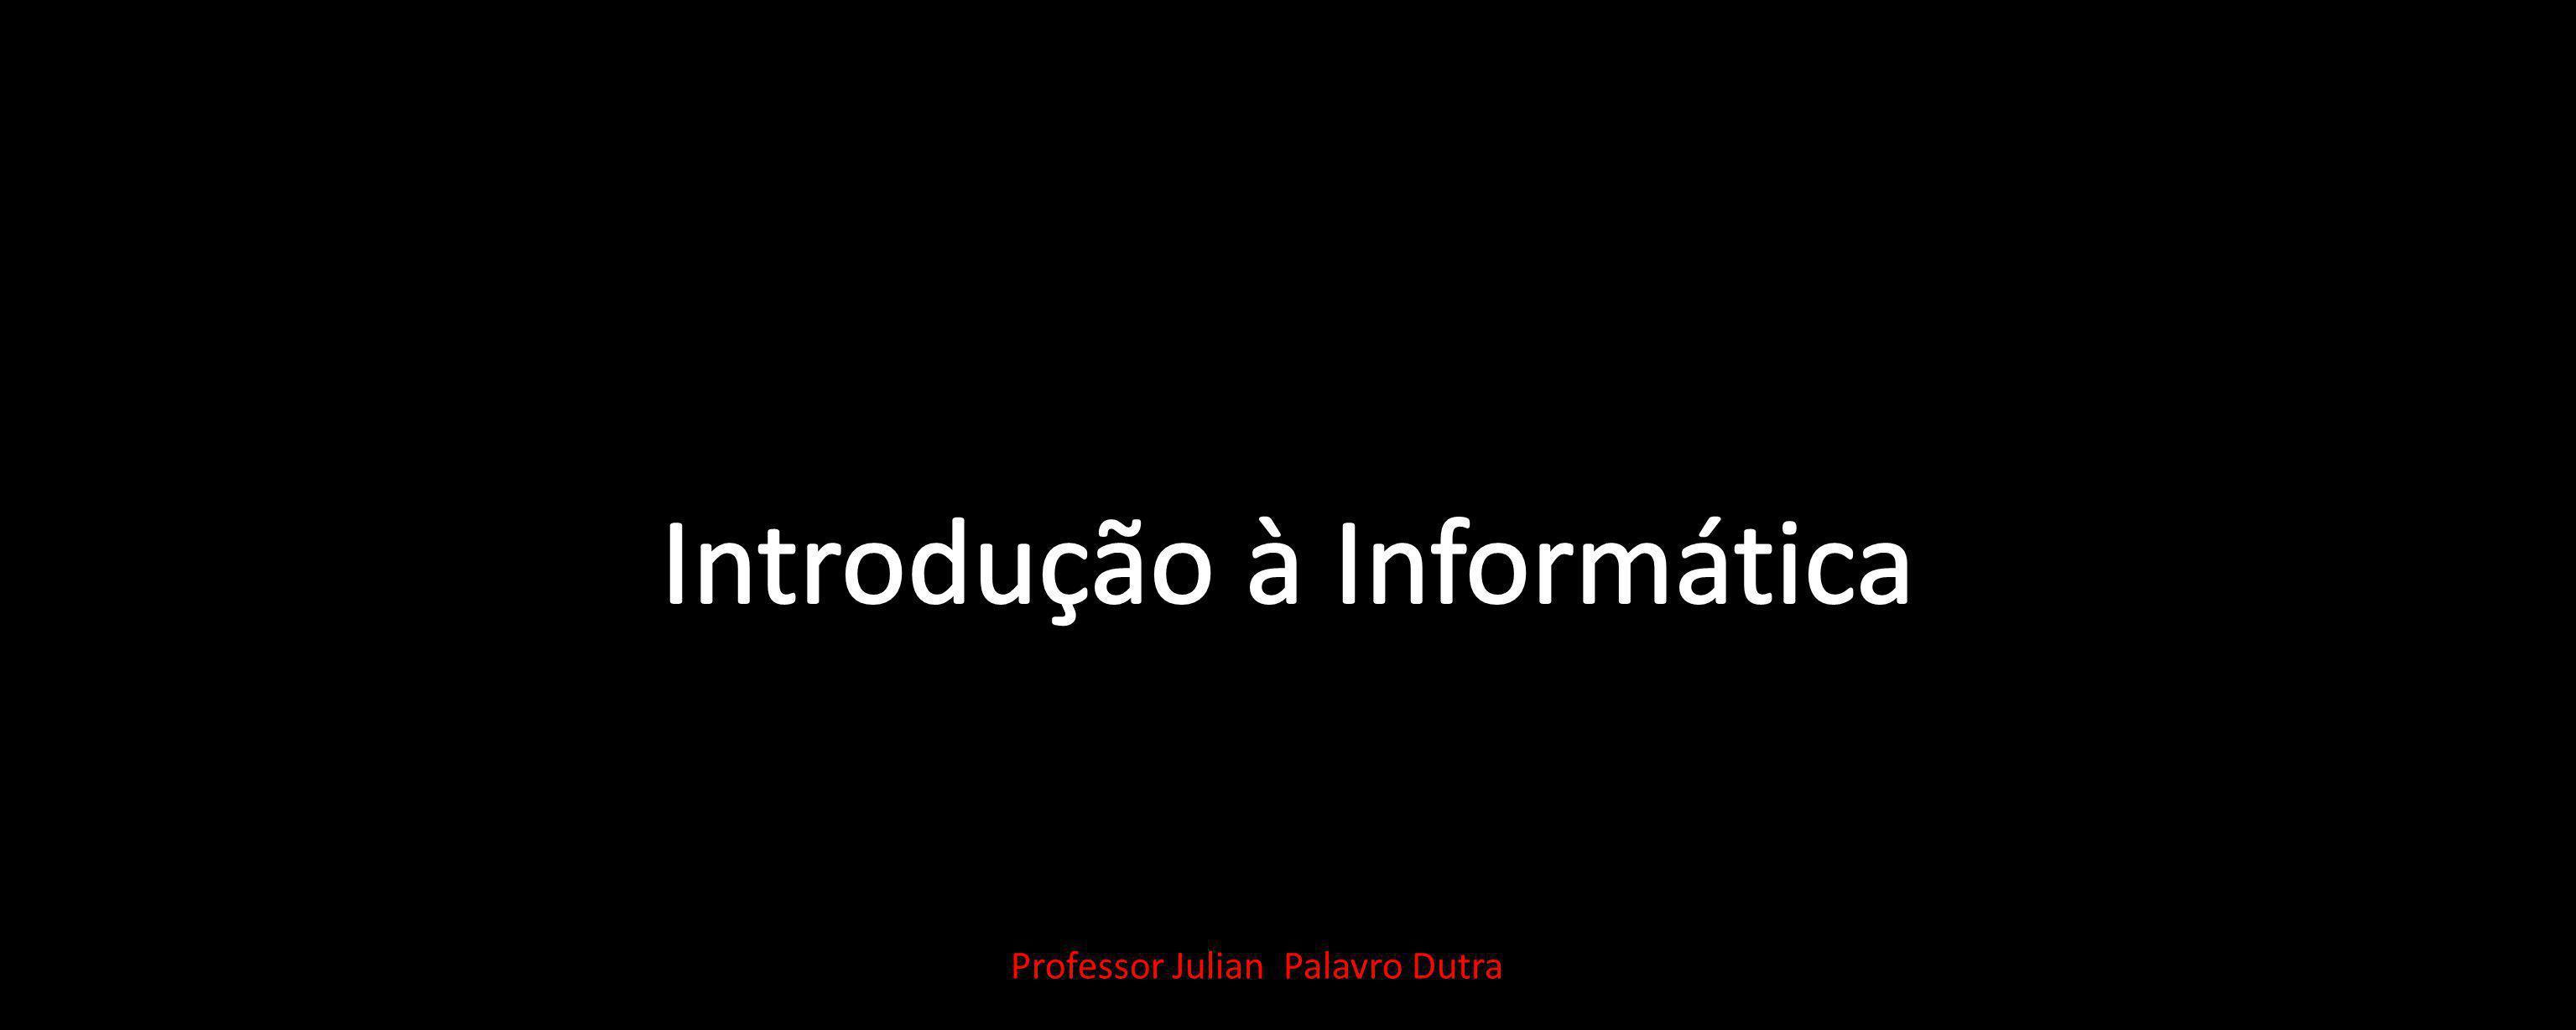 Professor Julian Palavro Dutra